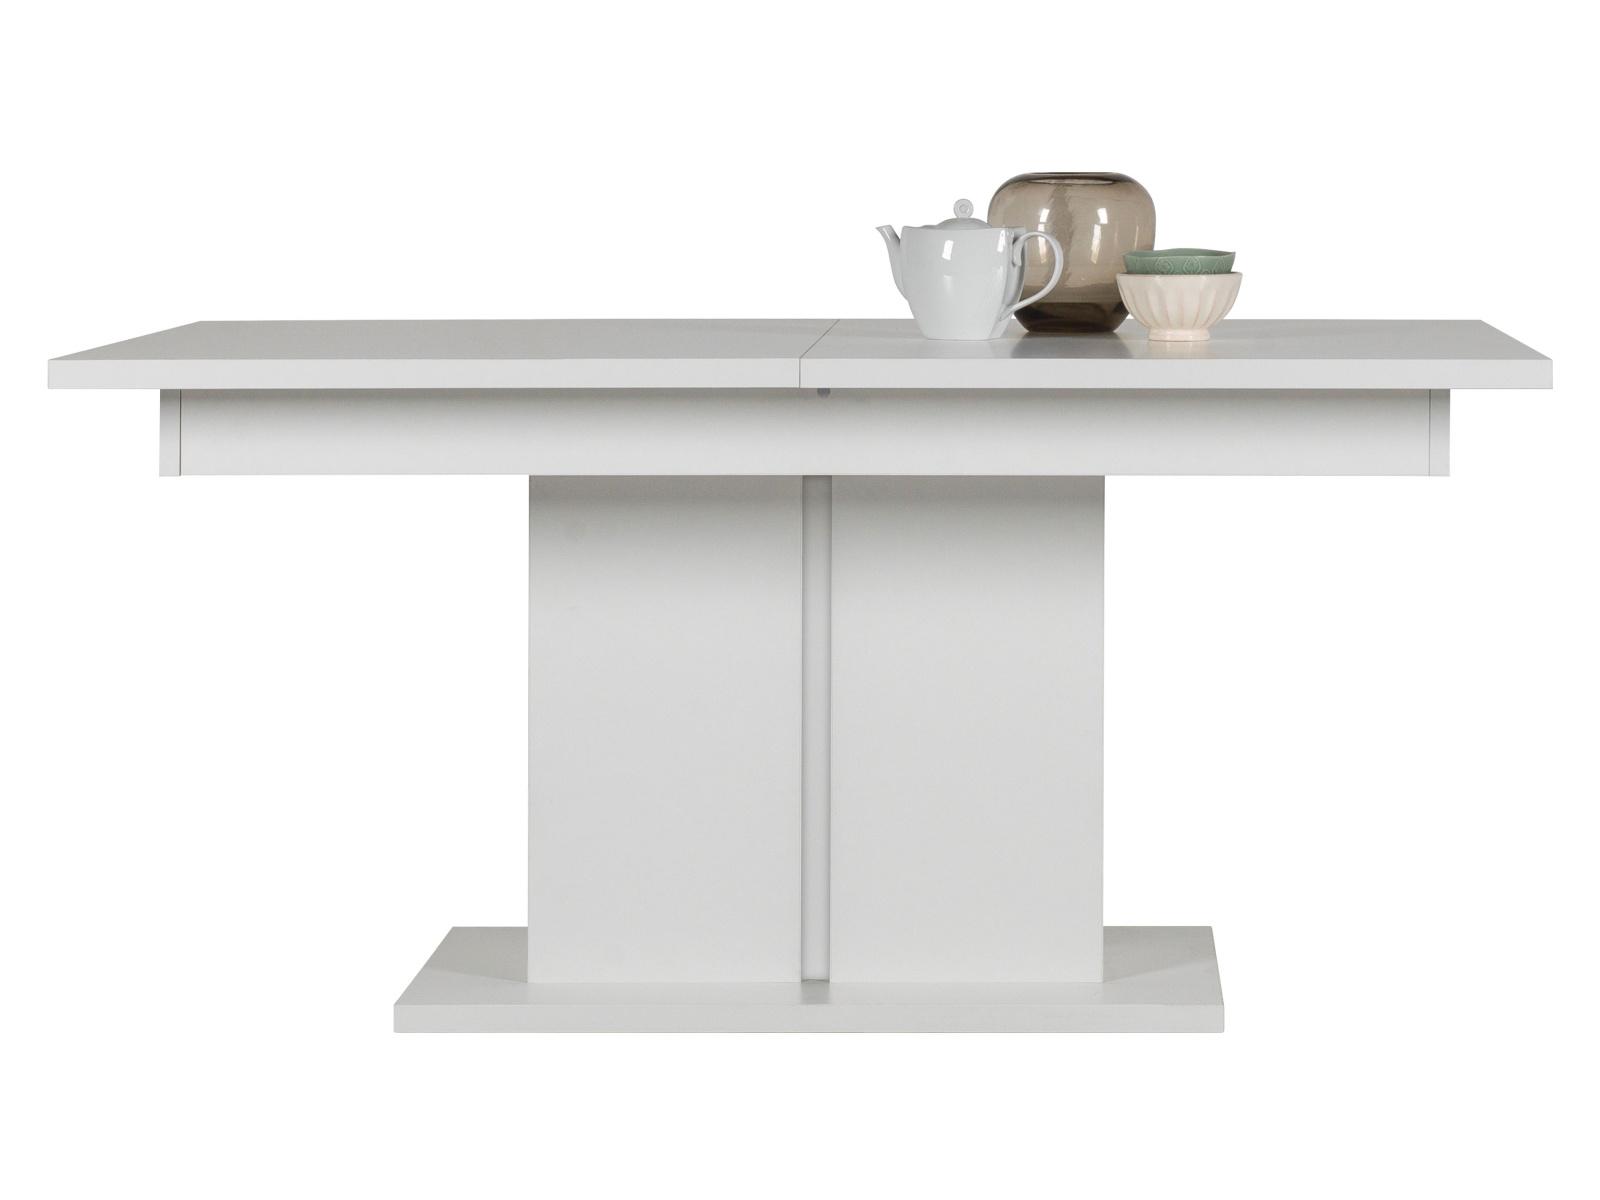 Bog Fran Rozkládací jídelní stůl IRMA IM13, bílý vysoký lesk